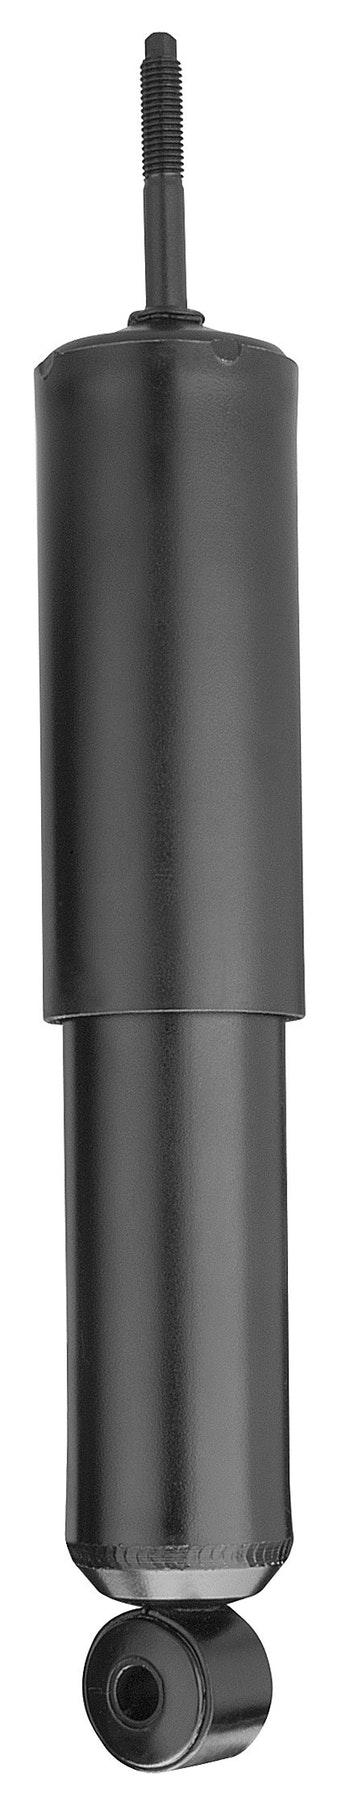 Amortecedor Dianteiro Pressurizado HG - Nakata - HG 36078 - Unitário